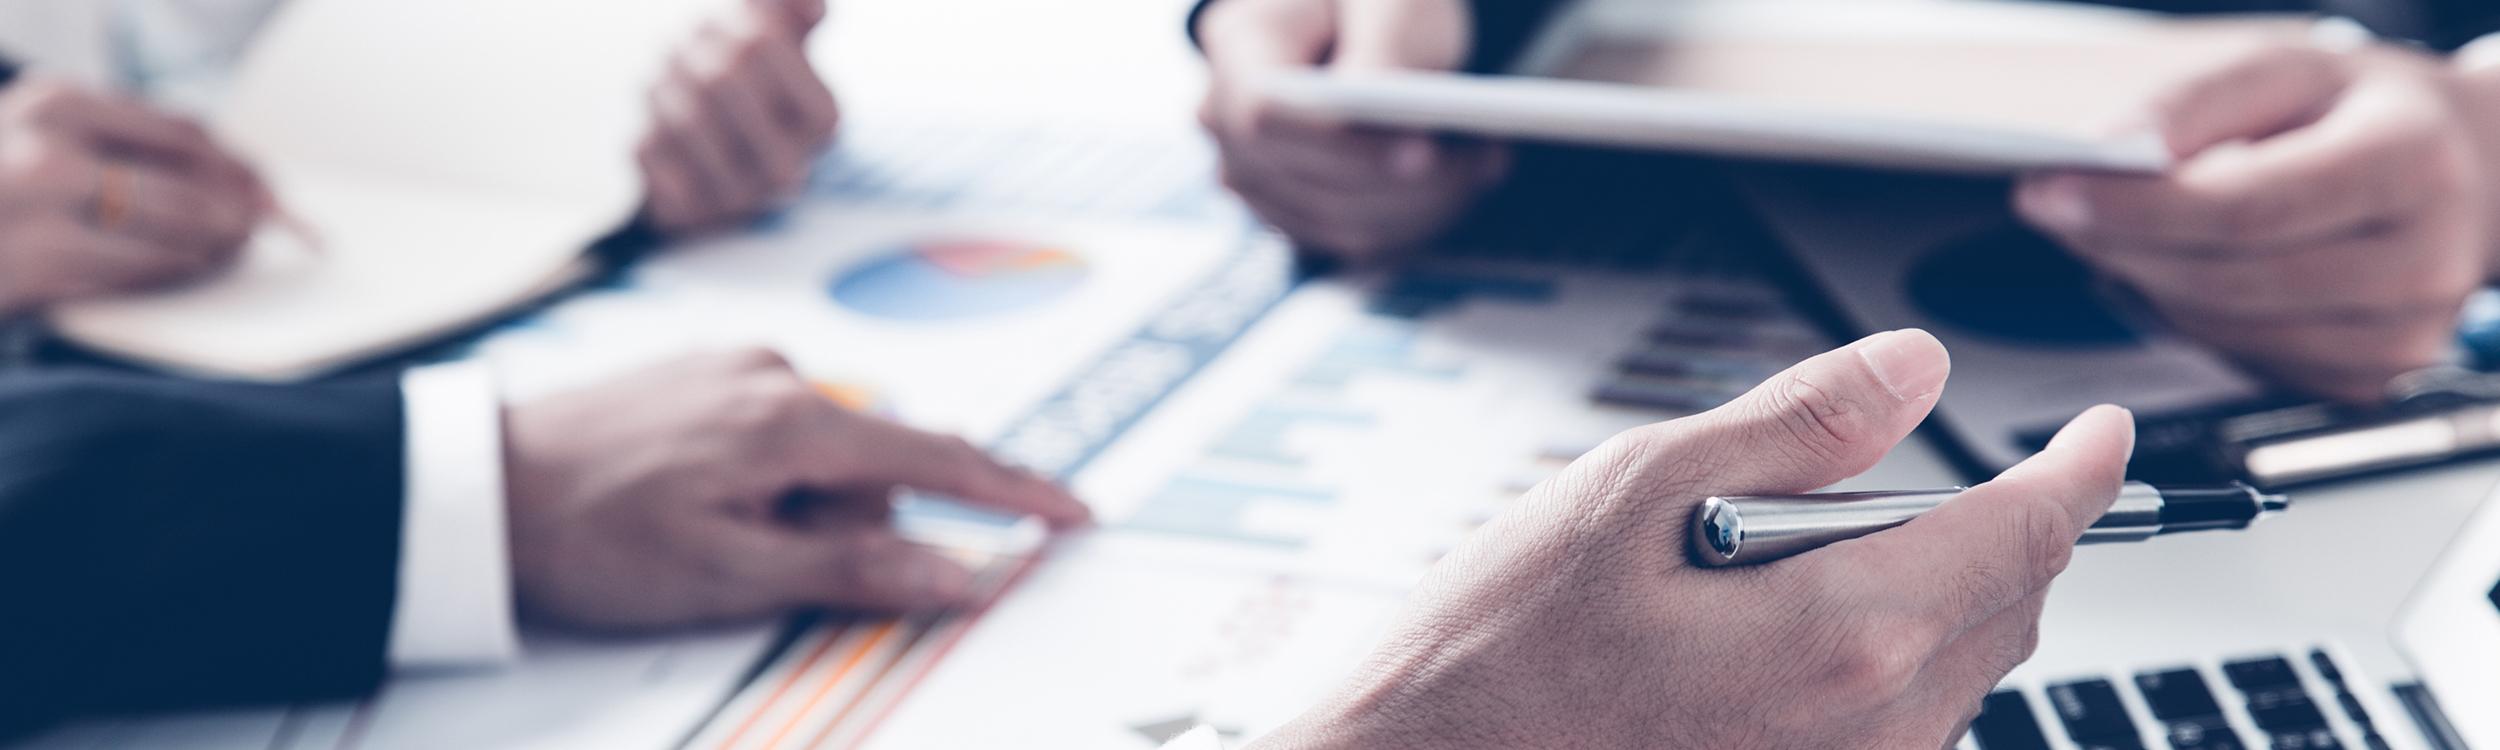 Omslagsbild för avsnittet om NCP, ledande investerare i nordiska företagsobligationer